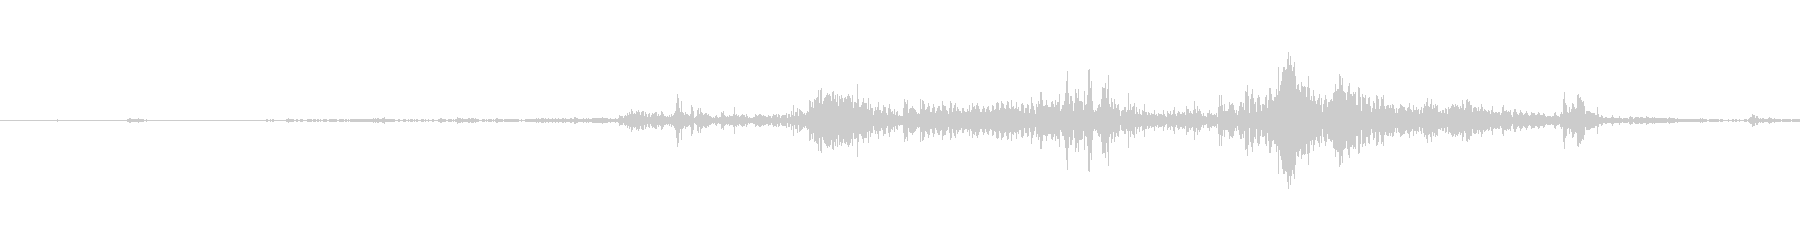 【生音】小銭・硬貨の音の未再生の波形